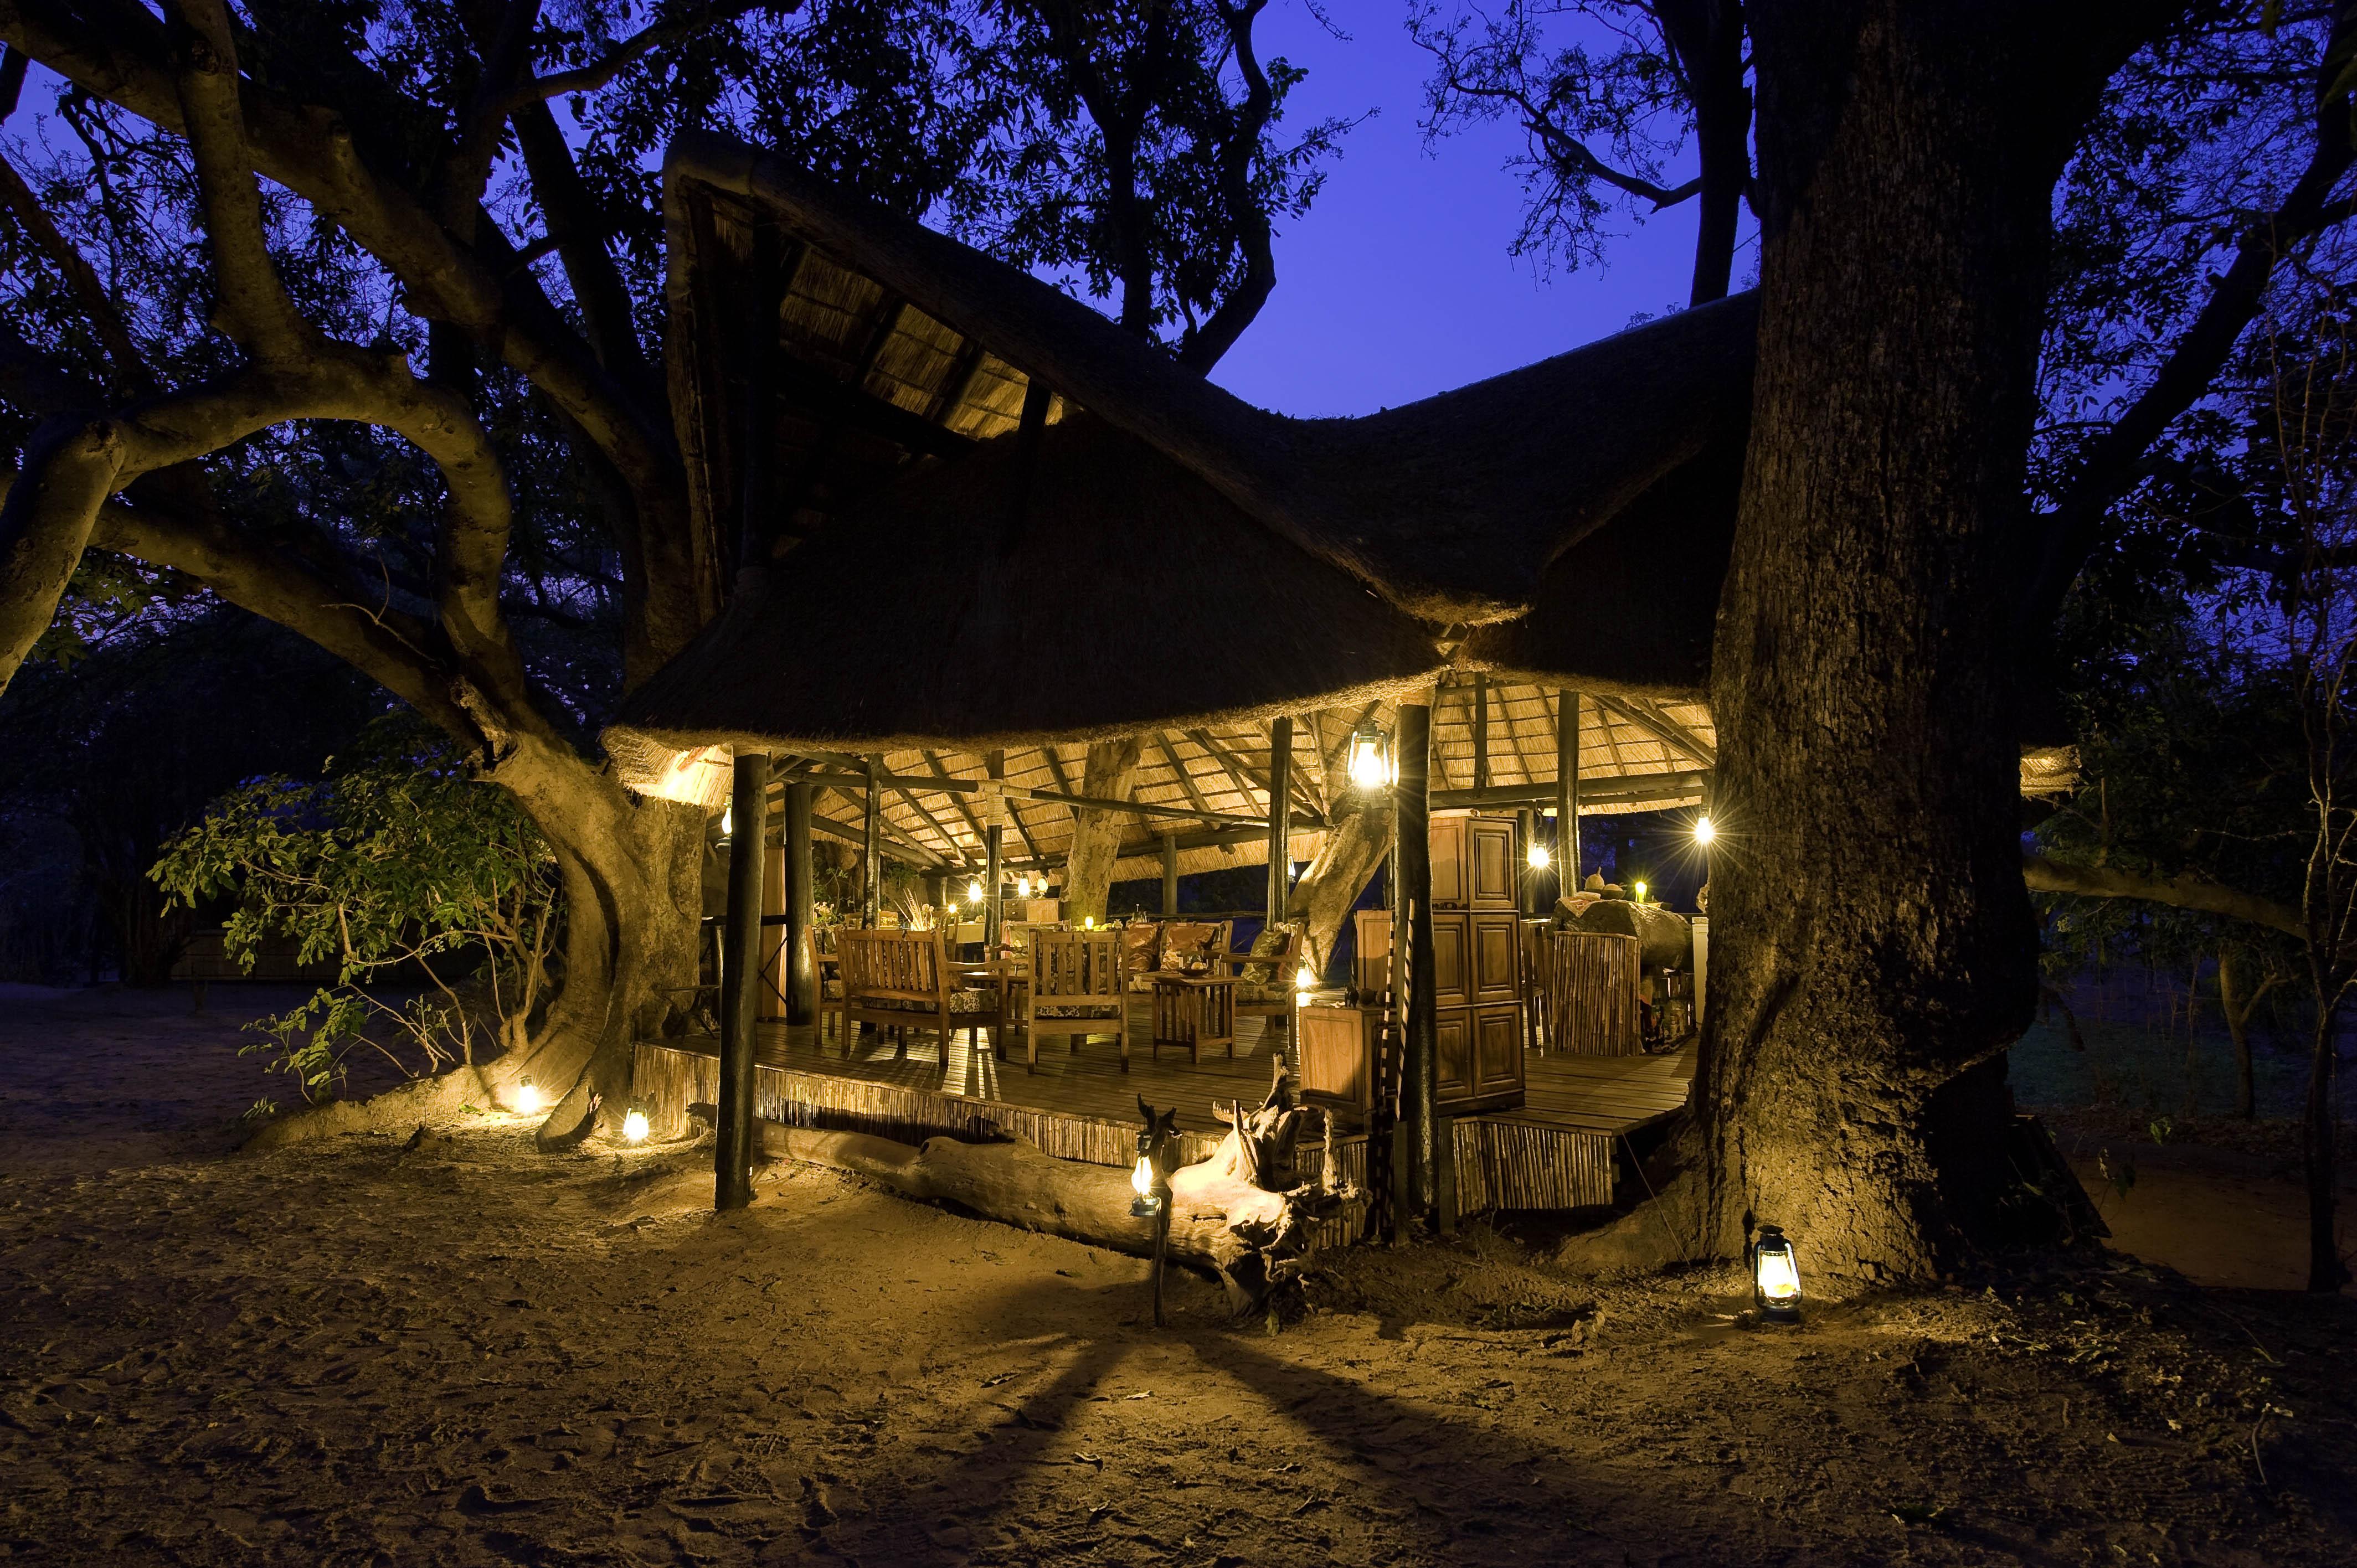 Bilimungwe Camp Zambia Exterior